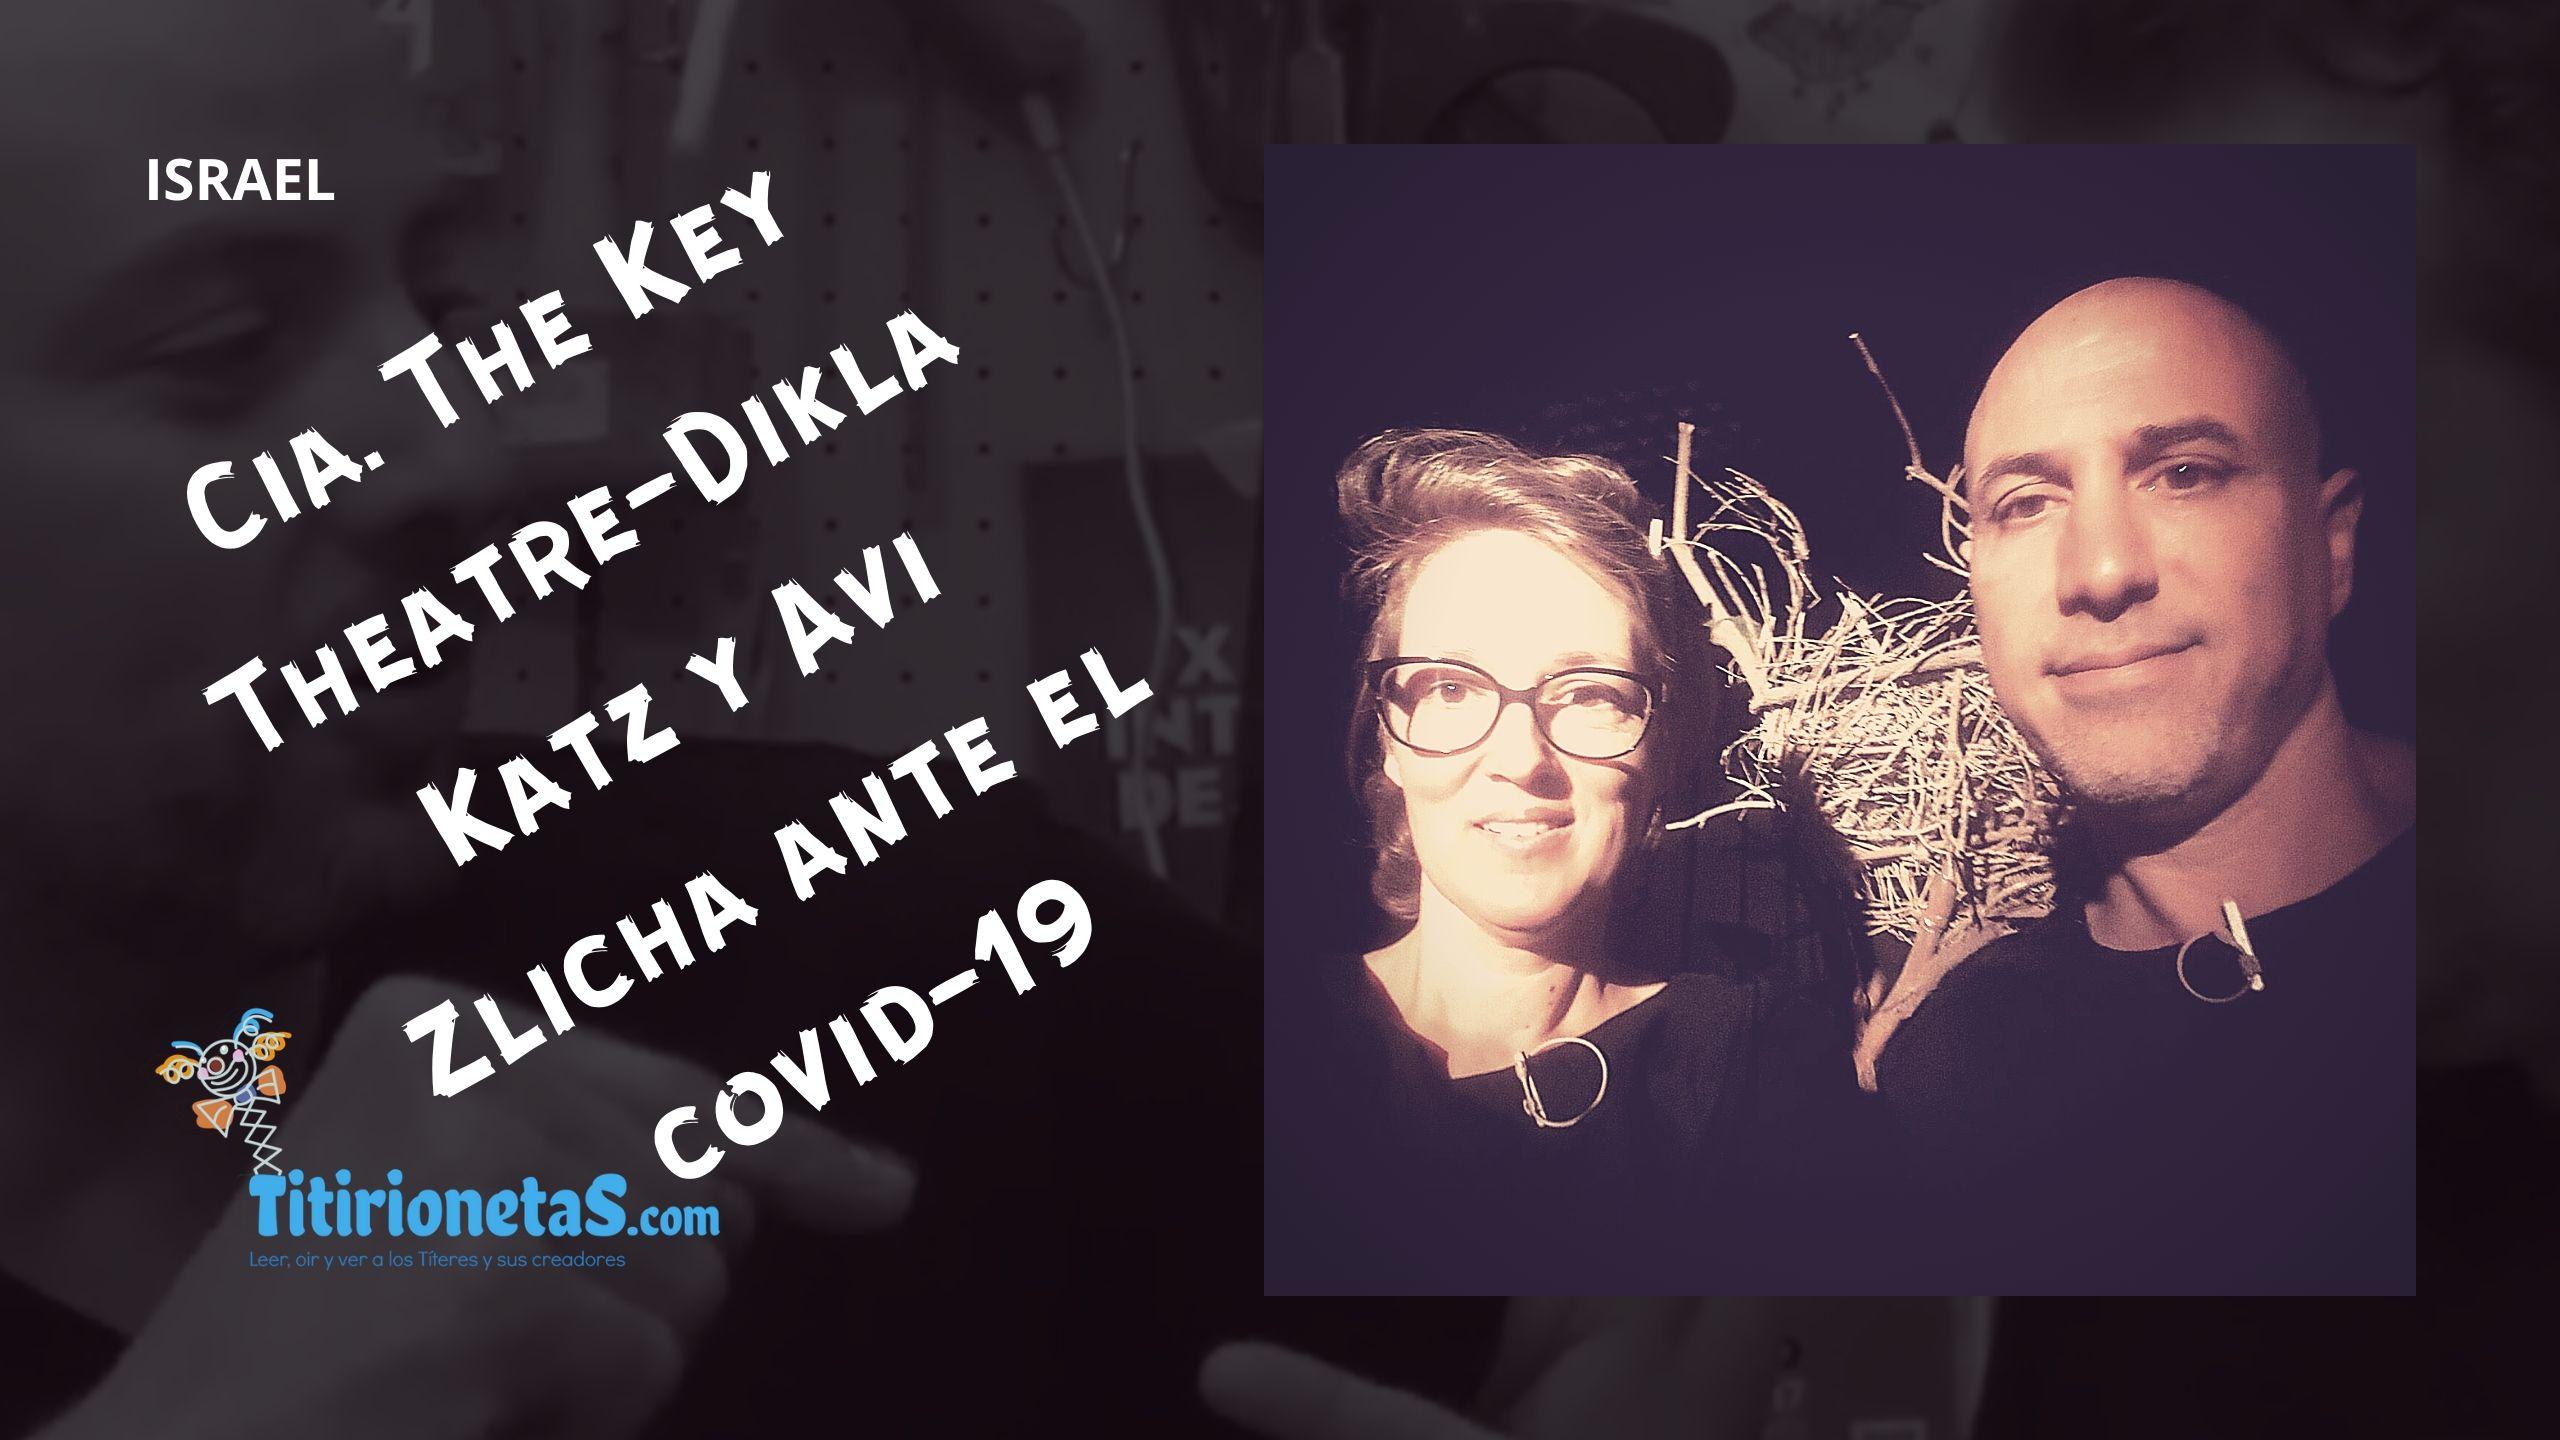 Cía. THE KEY THEATRE. Dikla Katz y Avi Zlicha-Israel ante el COVID-19